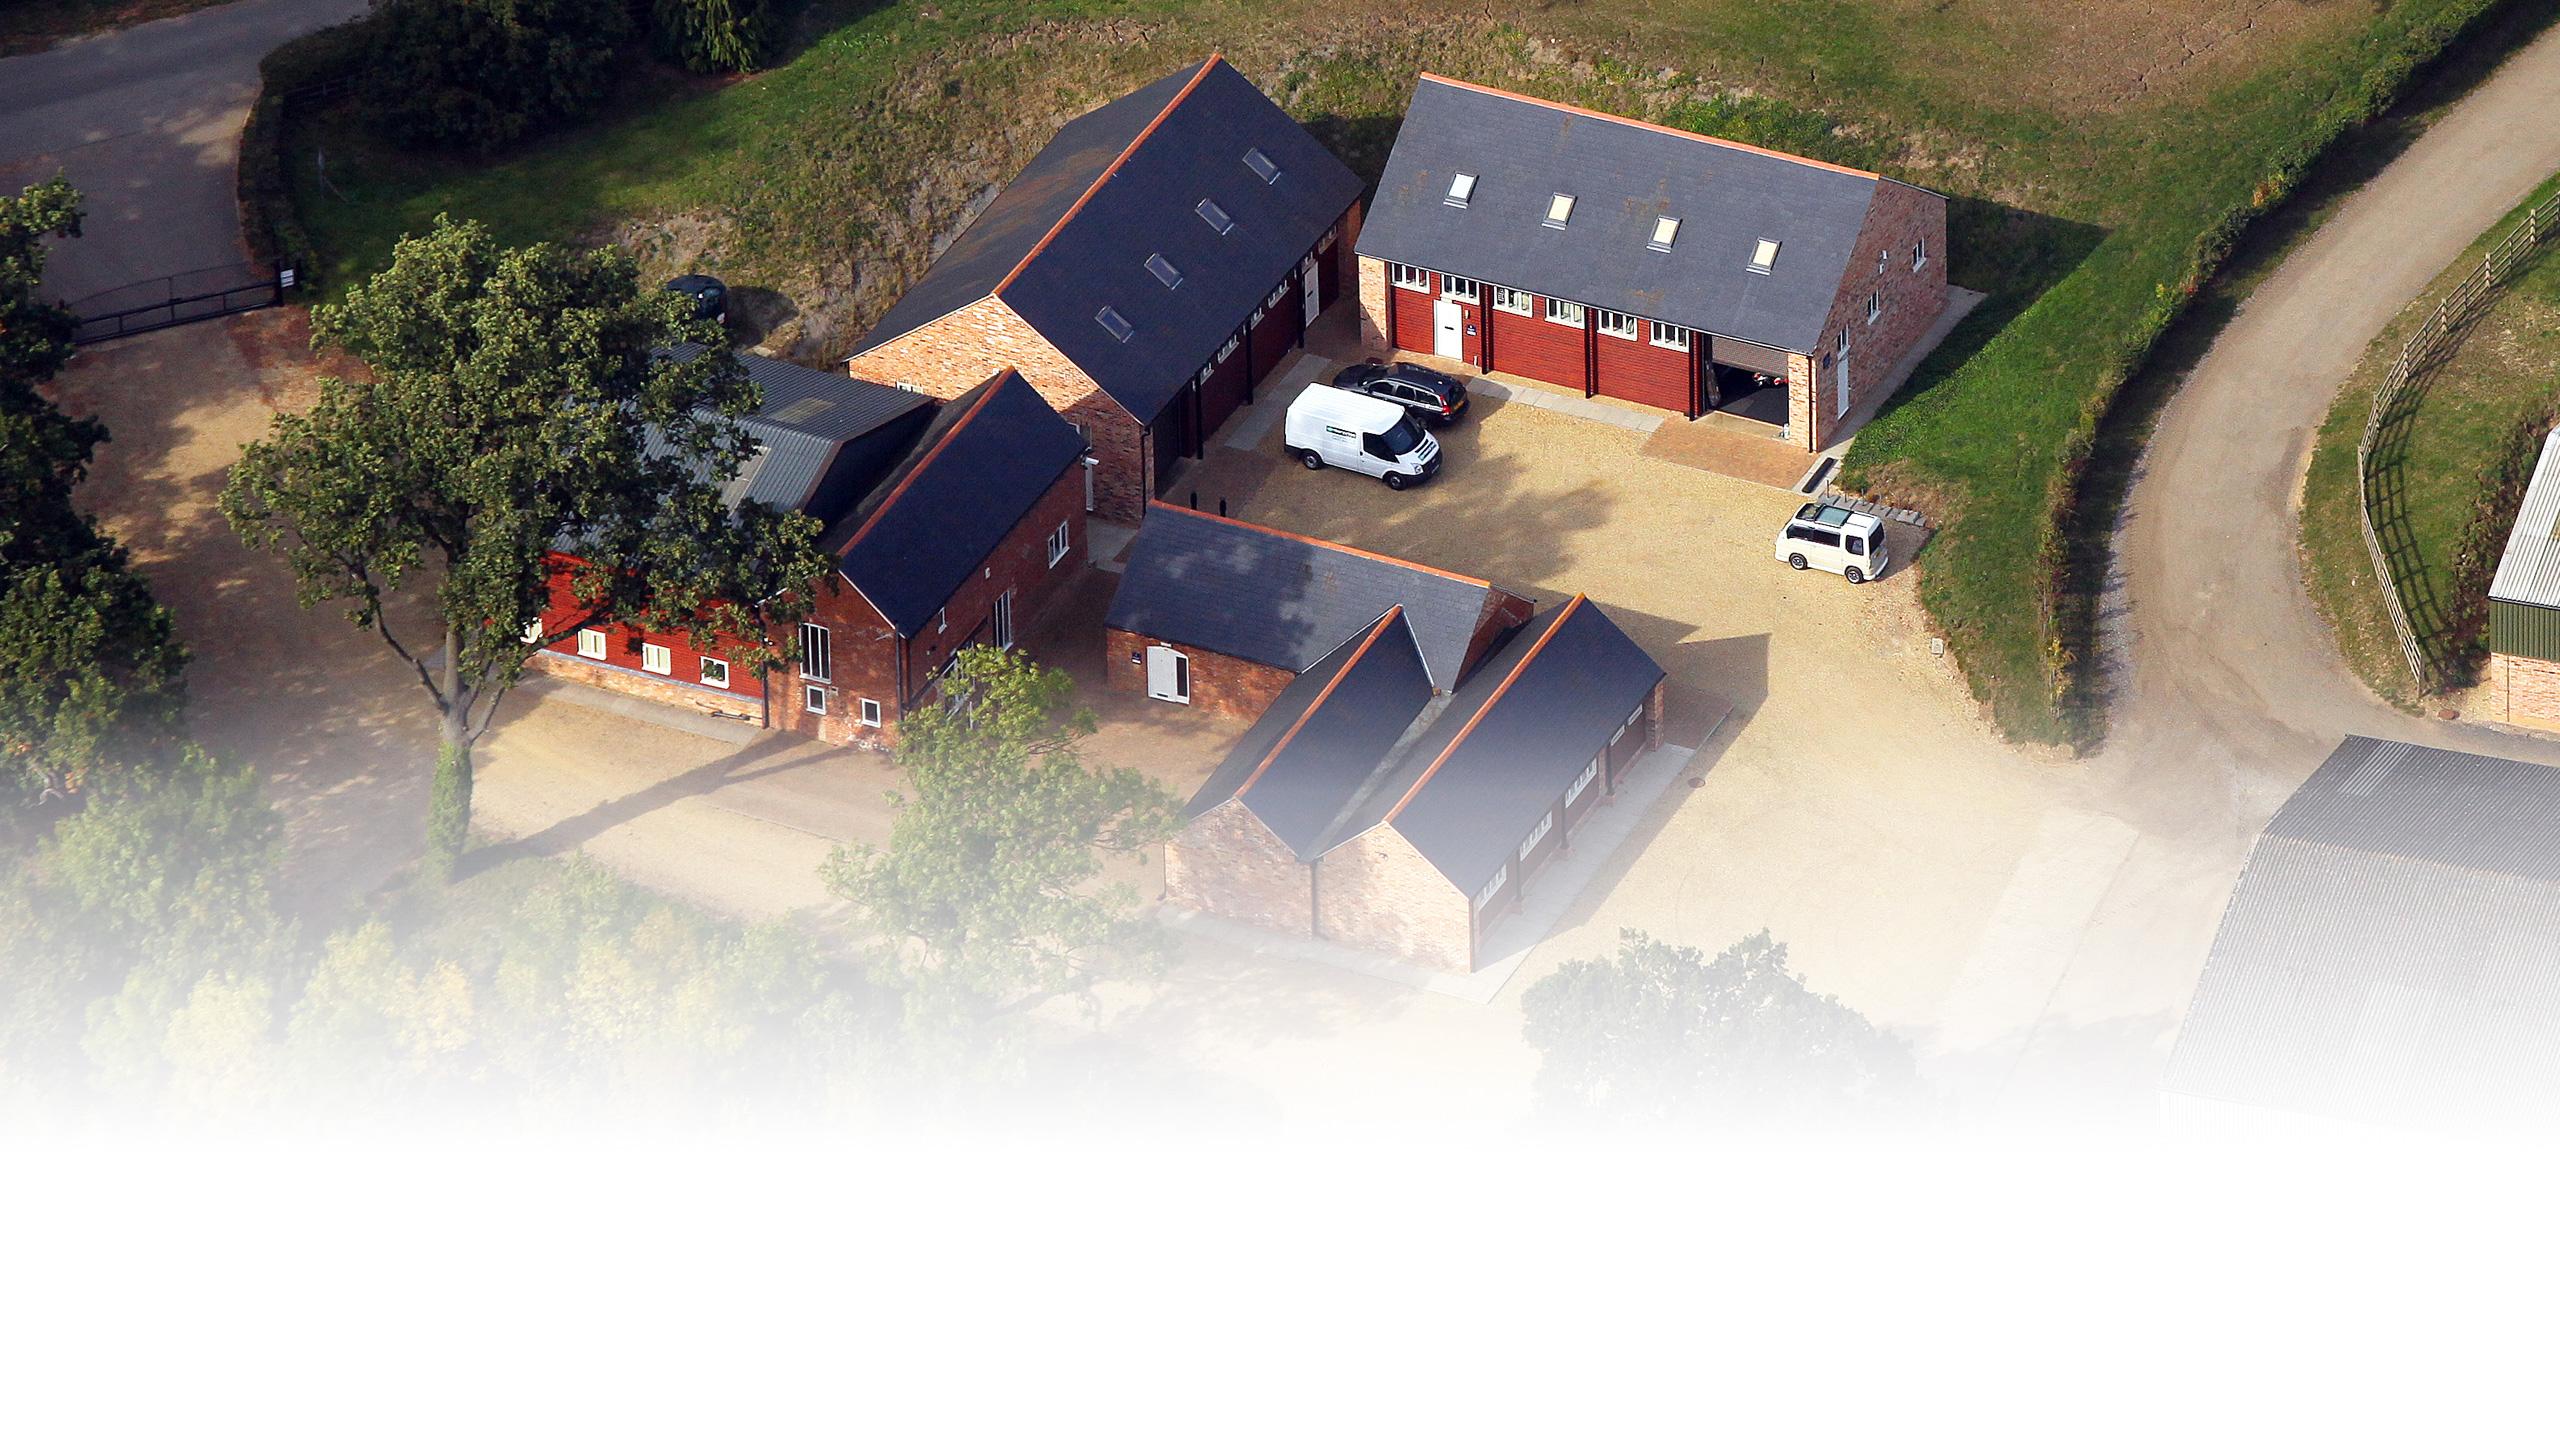 Lyndon Barns Aerial View, 2011